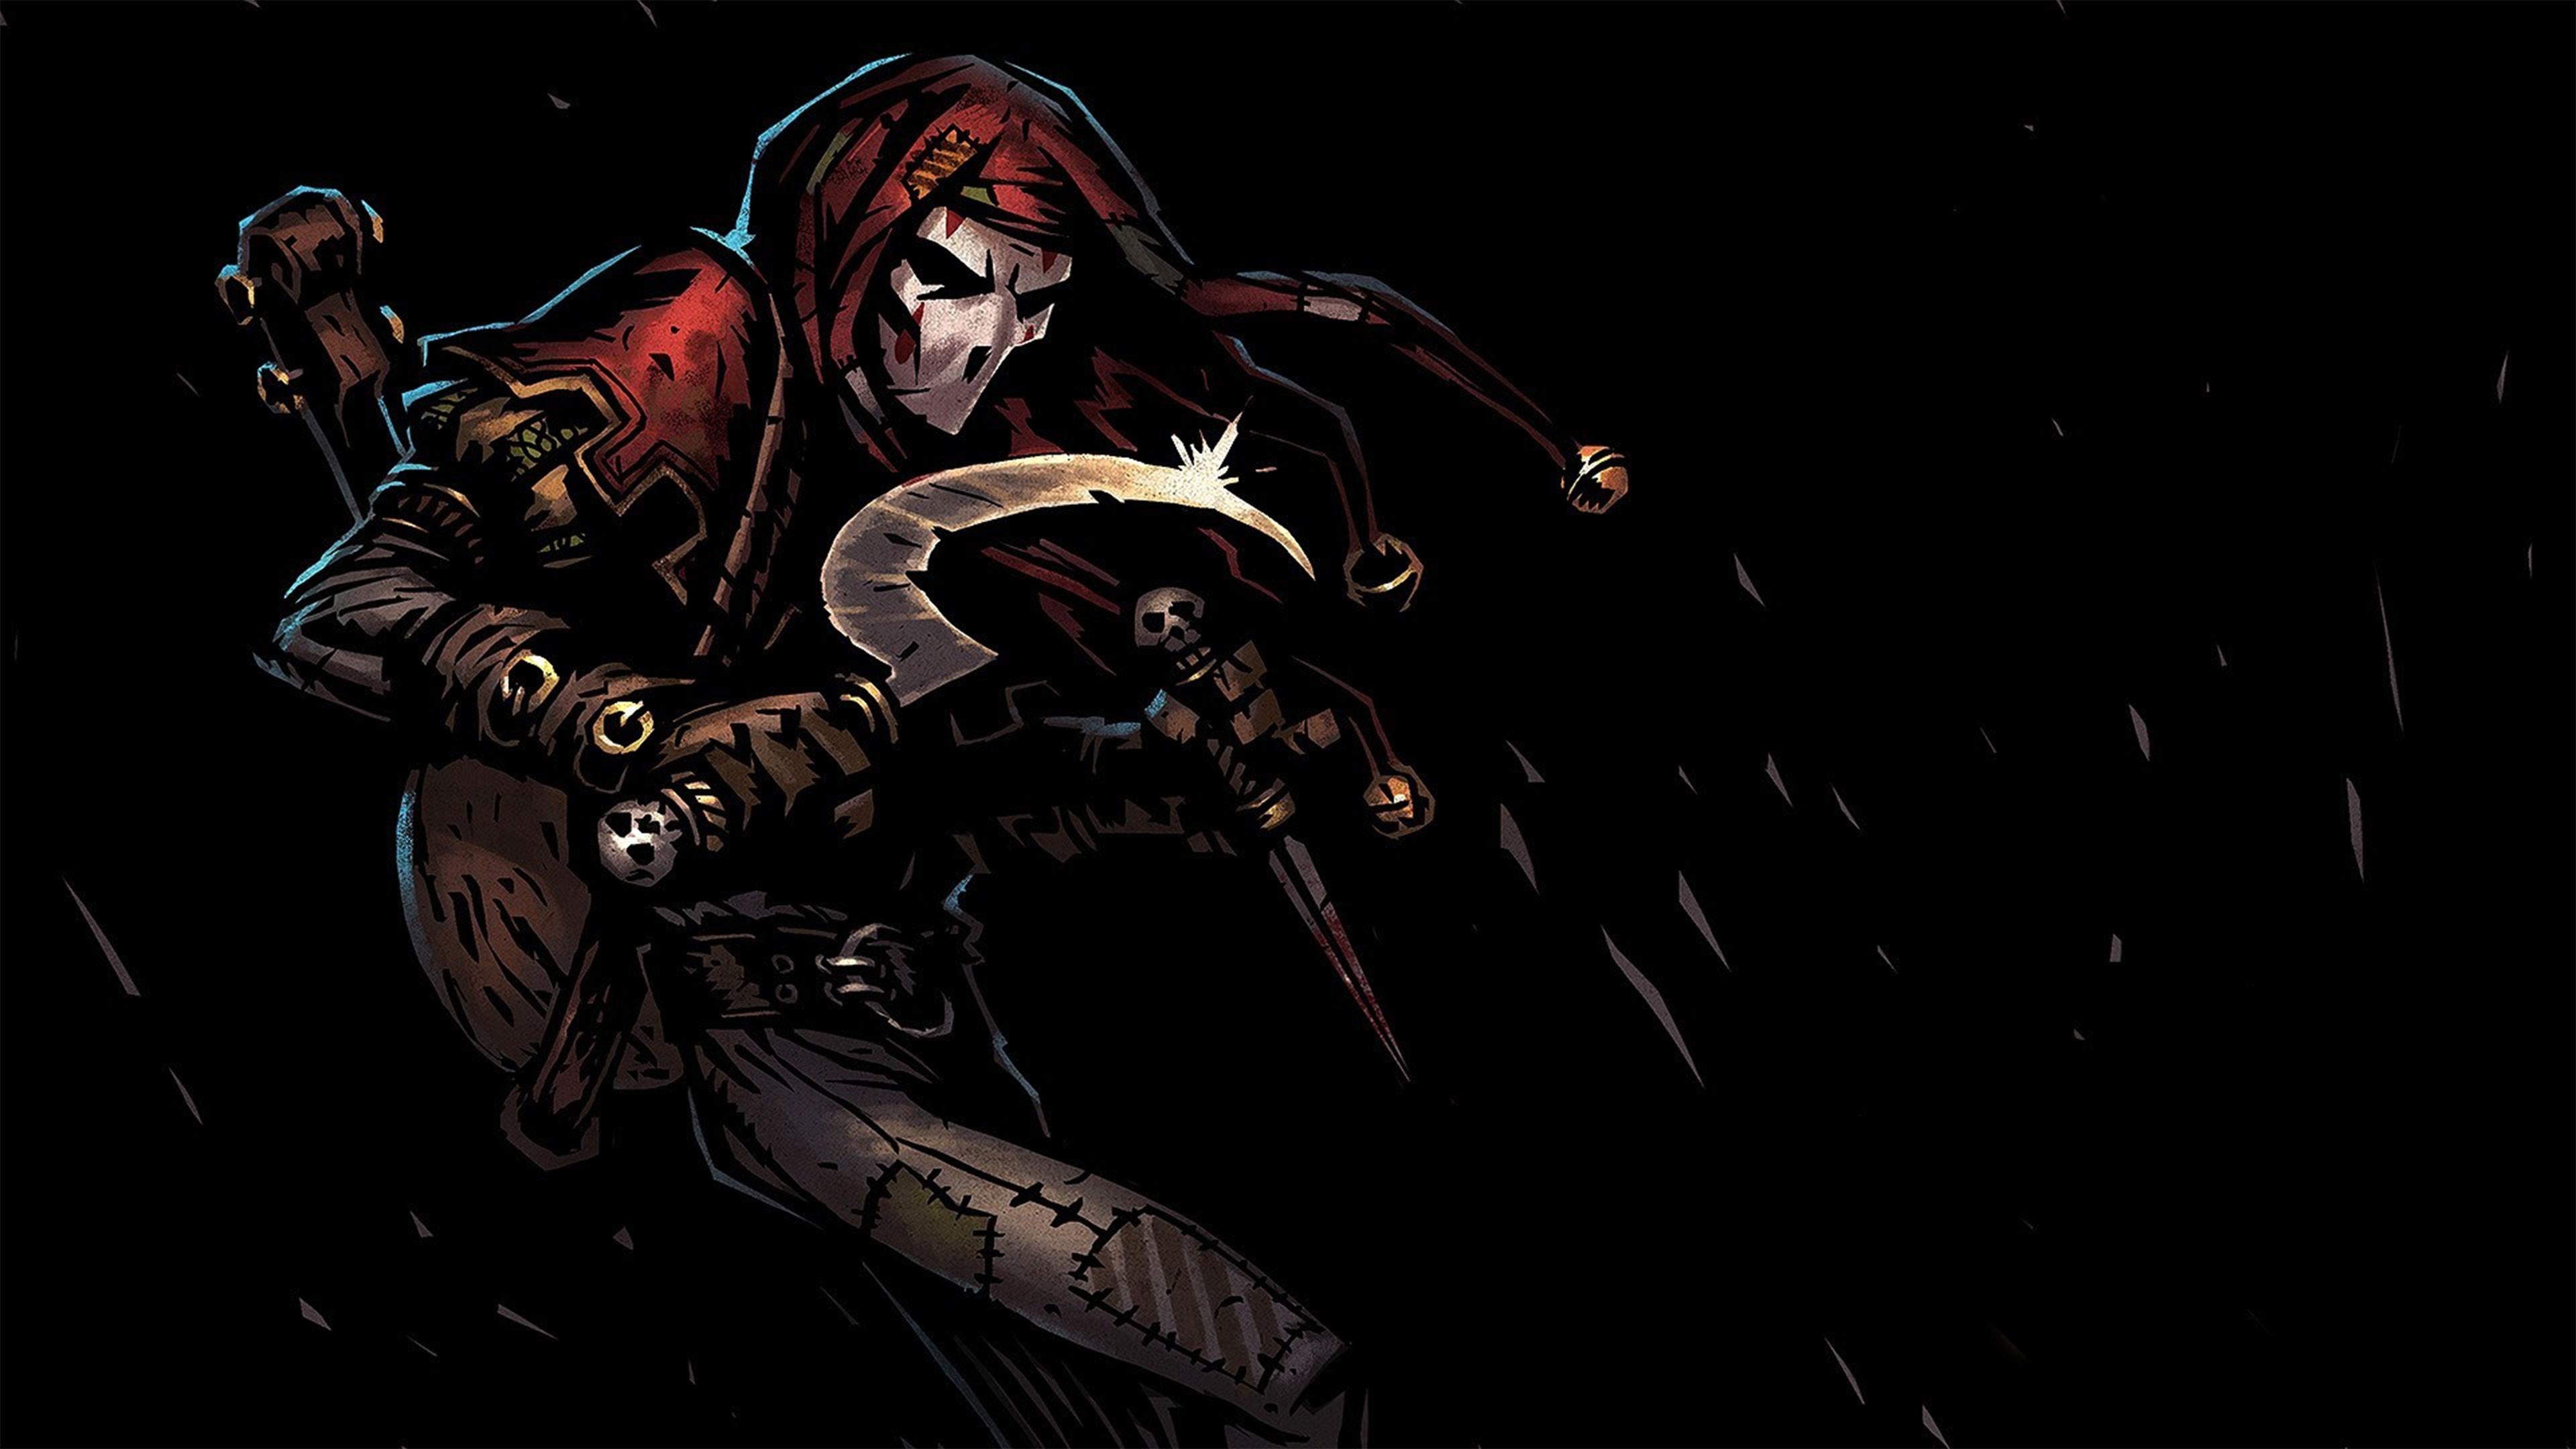 Darkest-Dungeon-4K-Wallpaper-3.jpg (3840×2160)